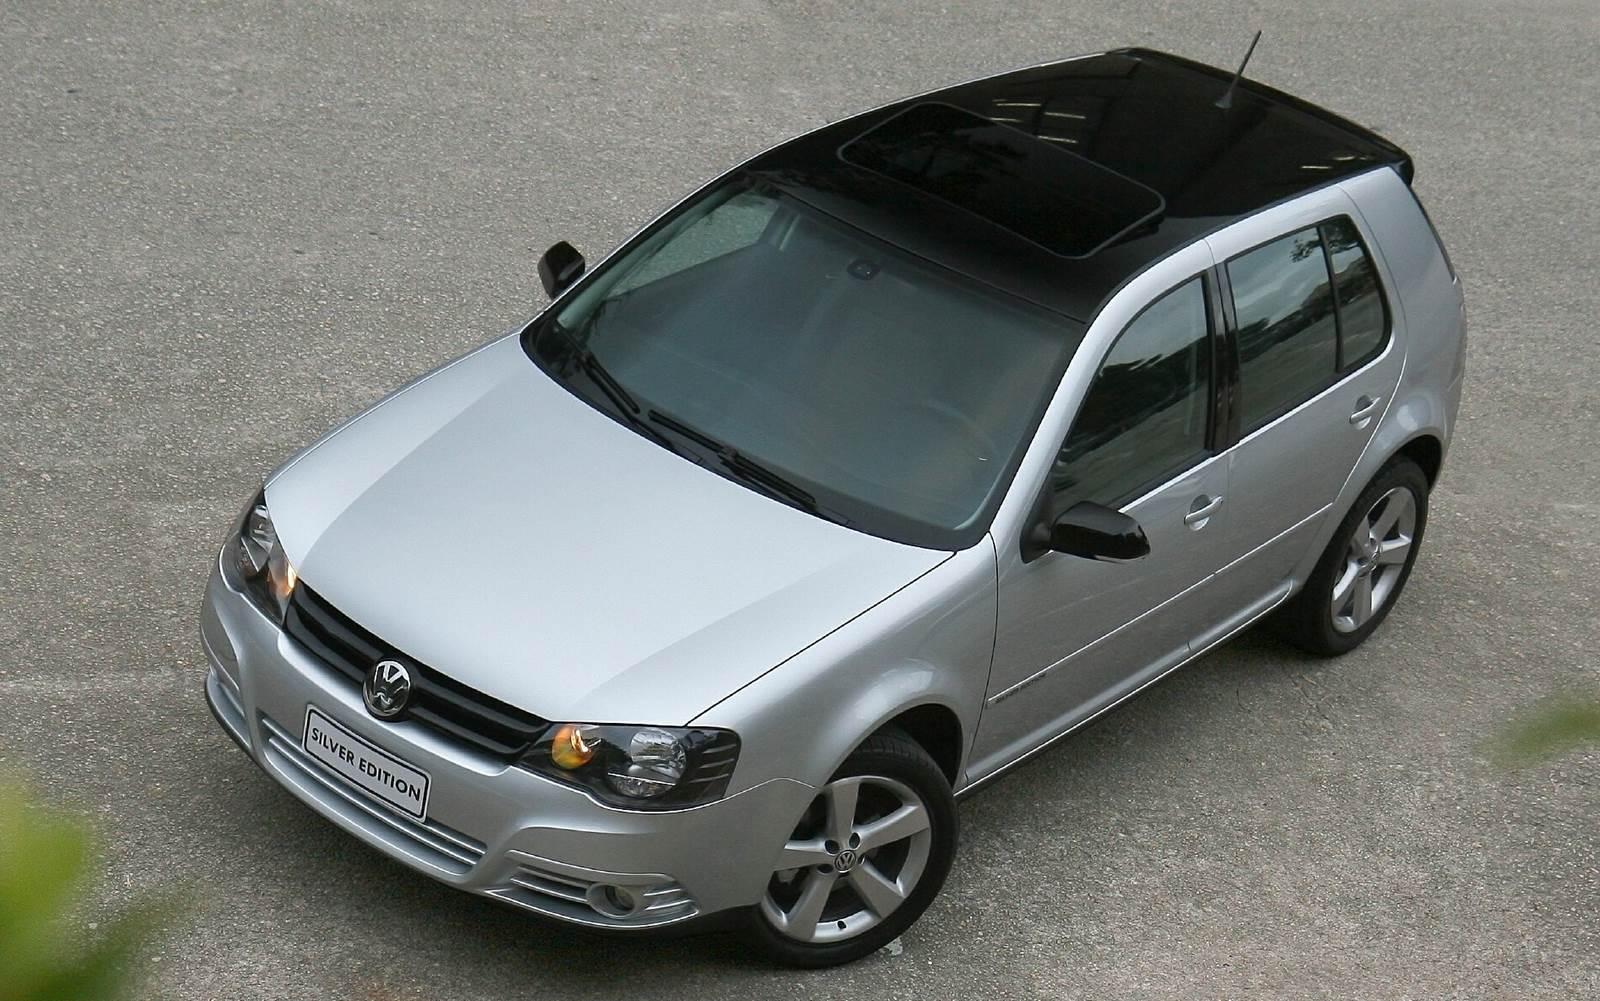 VW Golf 2010 Silver Edition